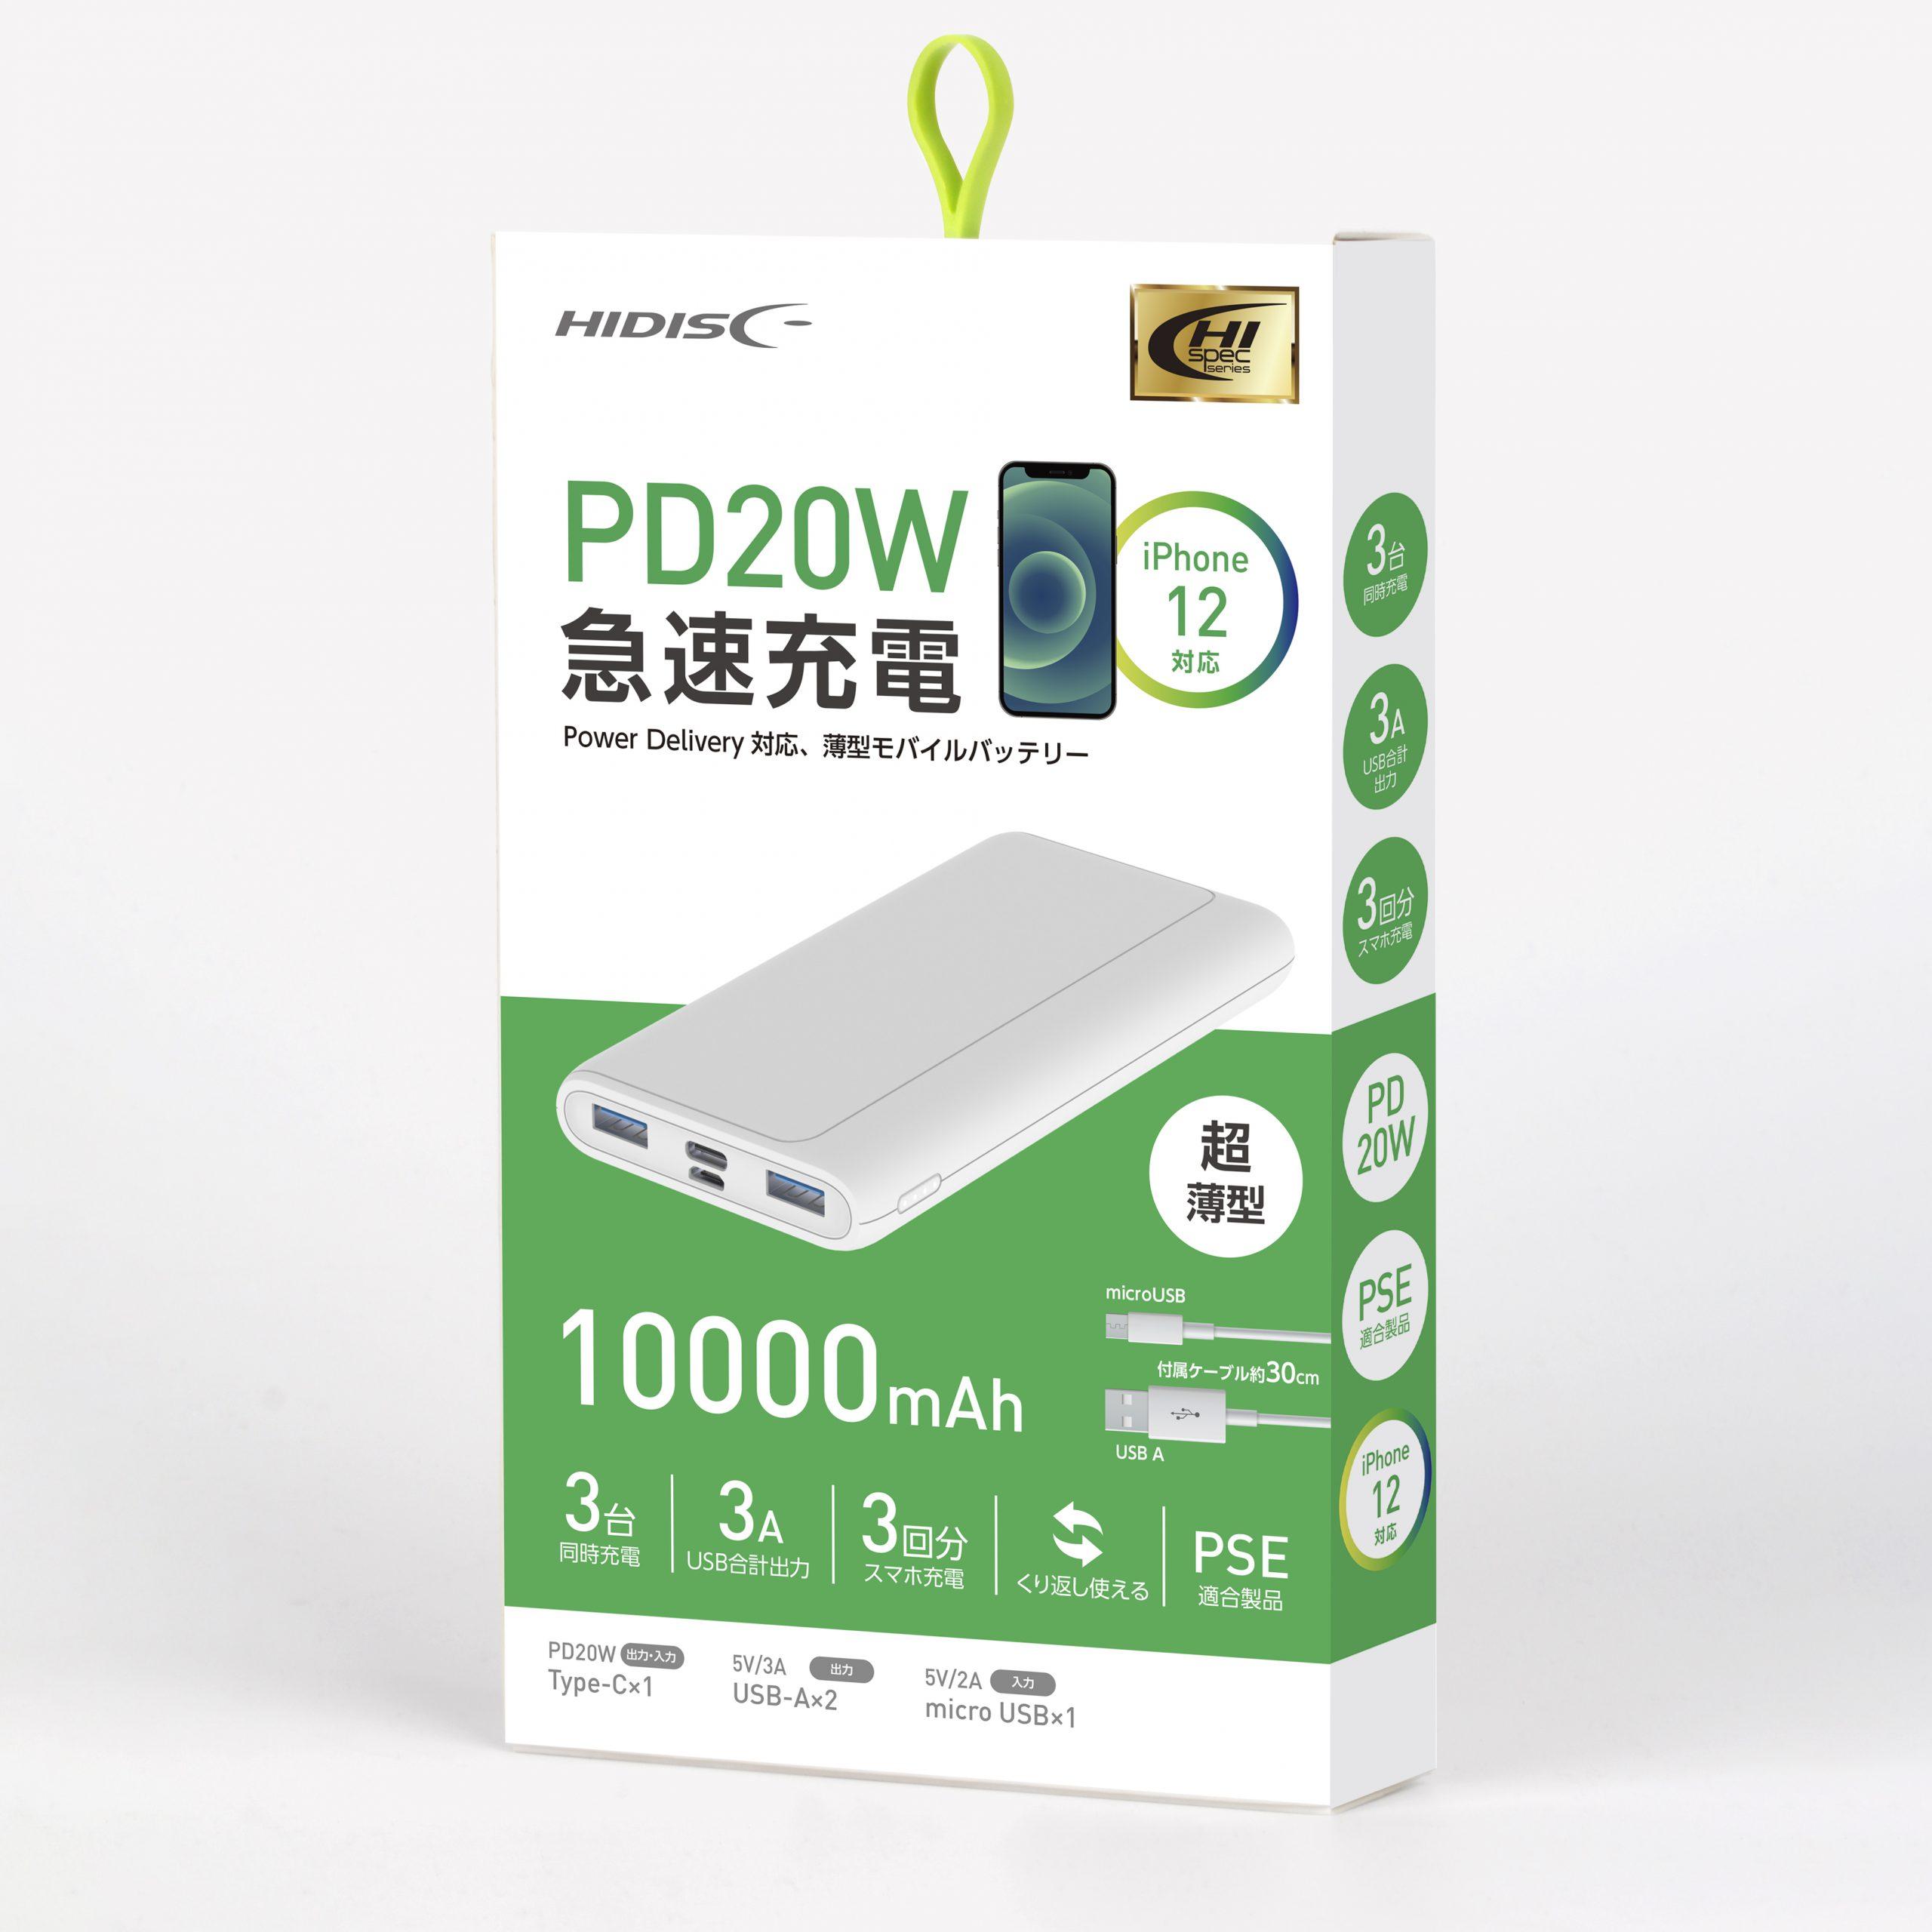 HIDISC PD20W, QC3.0対応 10000mAhモバイルバッテリー ホワイト HD-PD20W10000BTWH